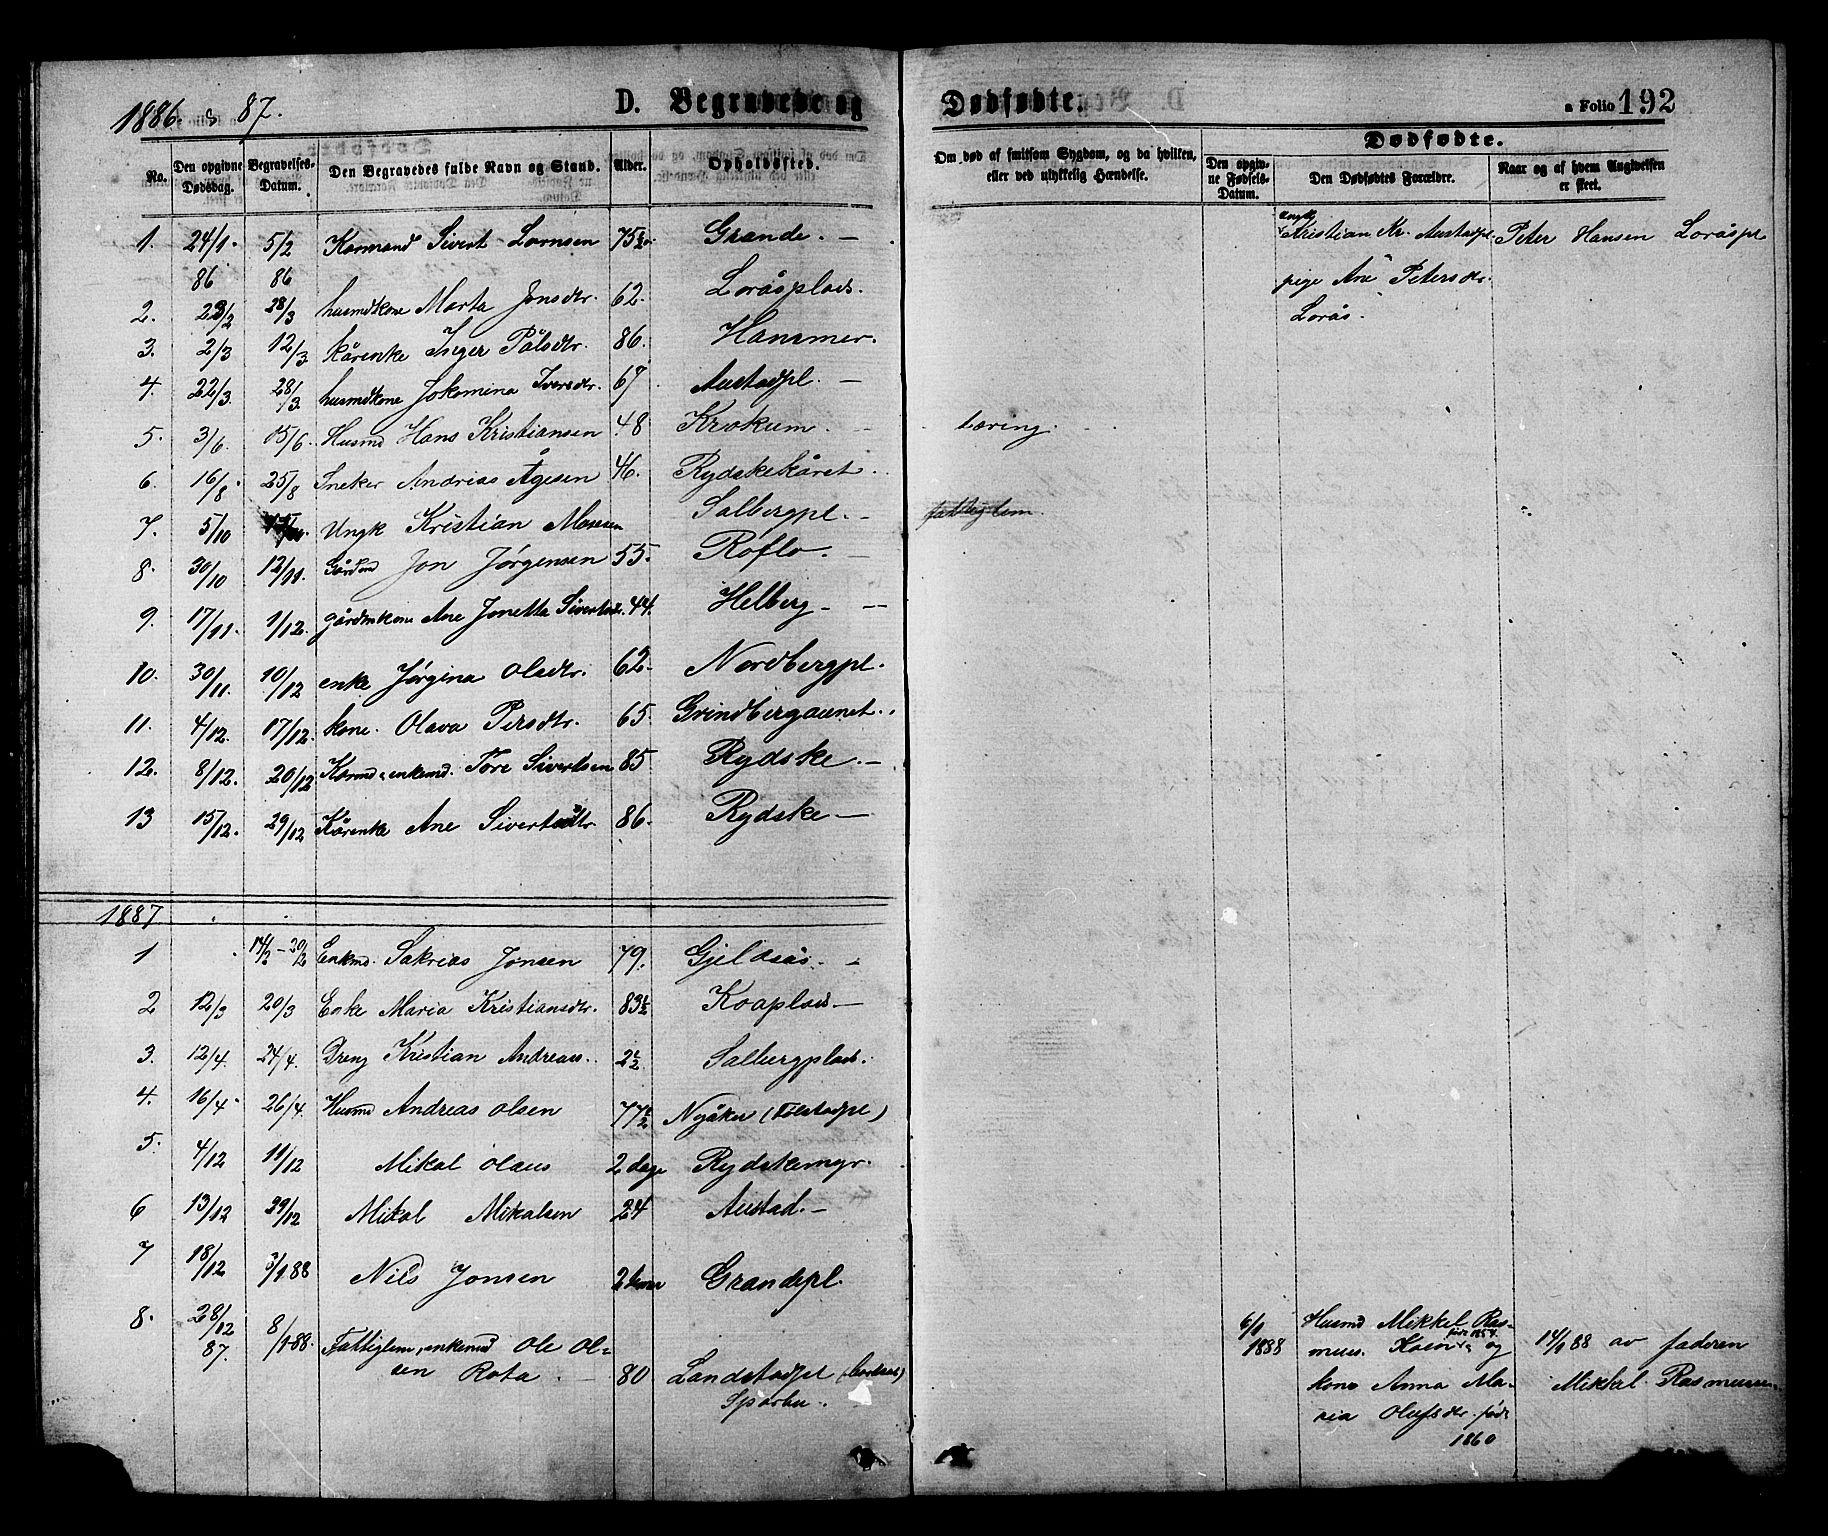 SAT, Ministerialprotokoller, klokkerbøker og fødselsregistre - Nord-Trøndelag, 731/L0311: Klokkerbok nr. 731C02, 1875-1911, s. 192